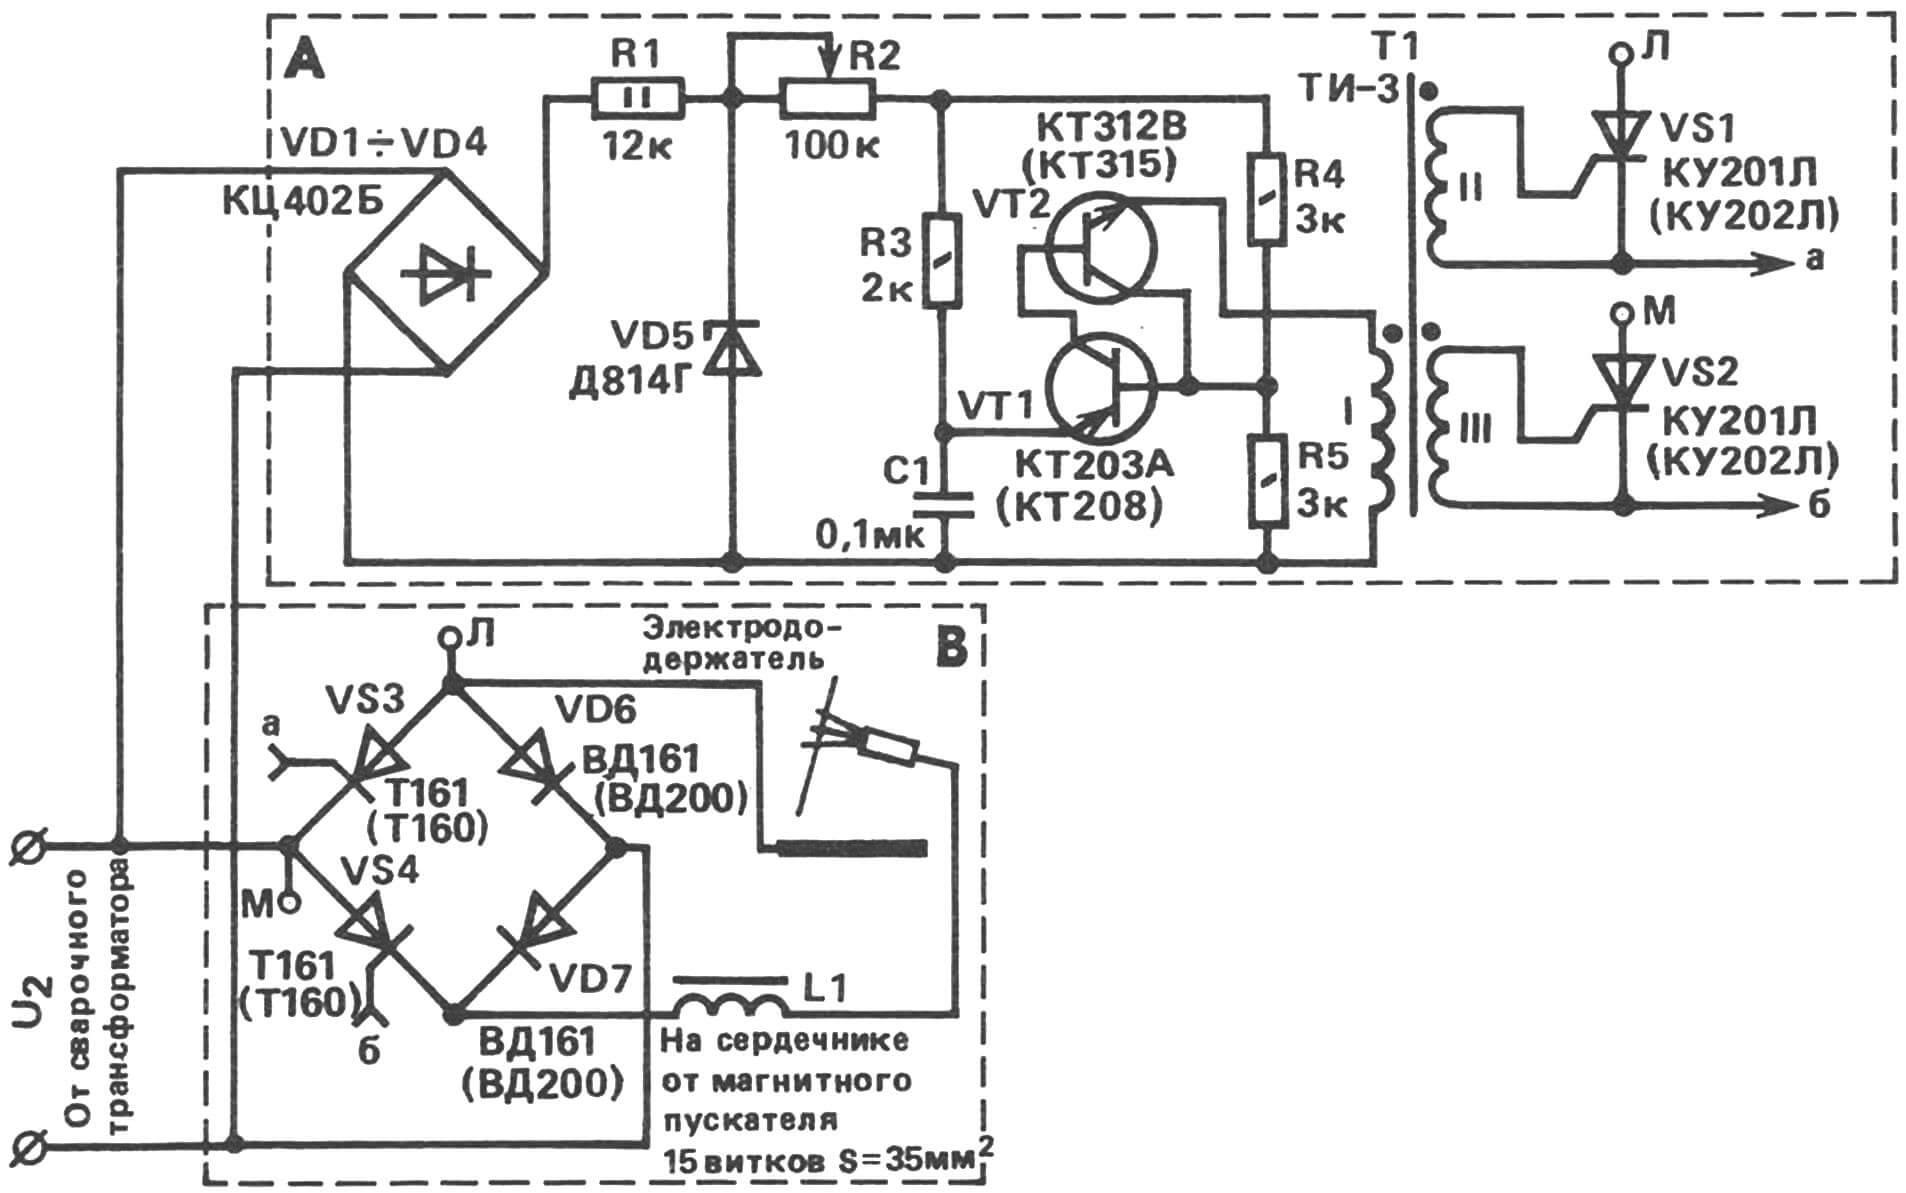 Принципиальная электрическая схема регулятора постоянного тока.